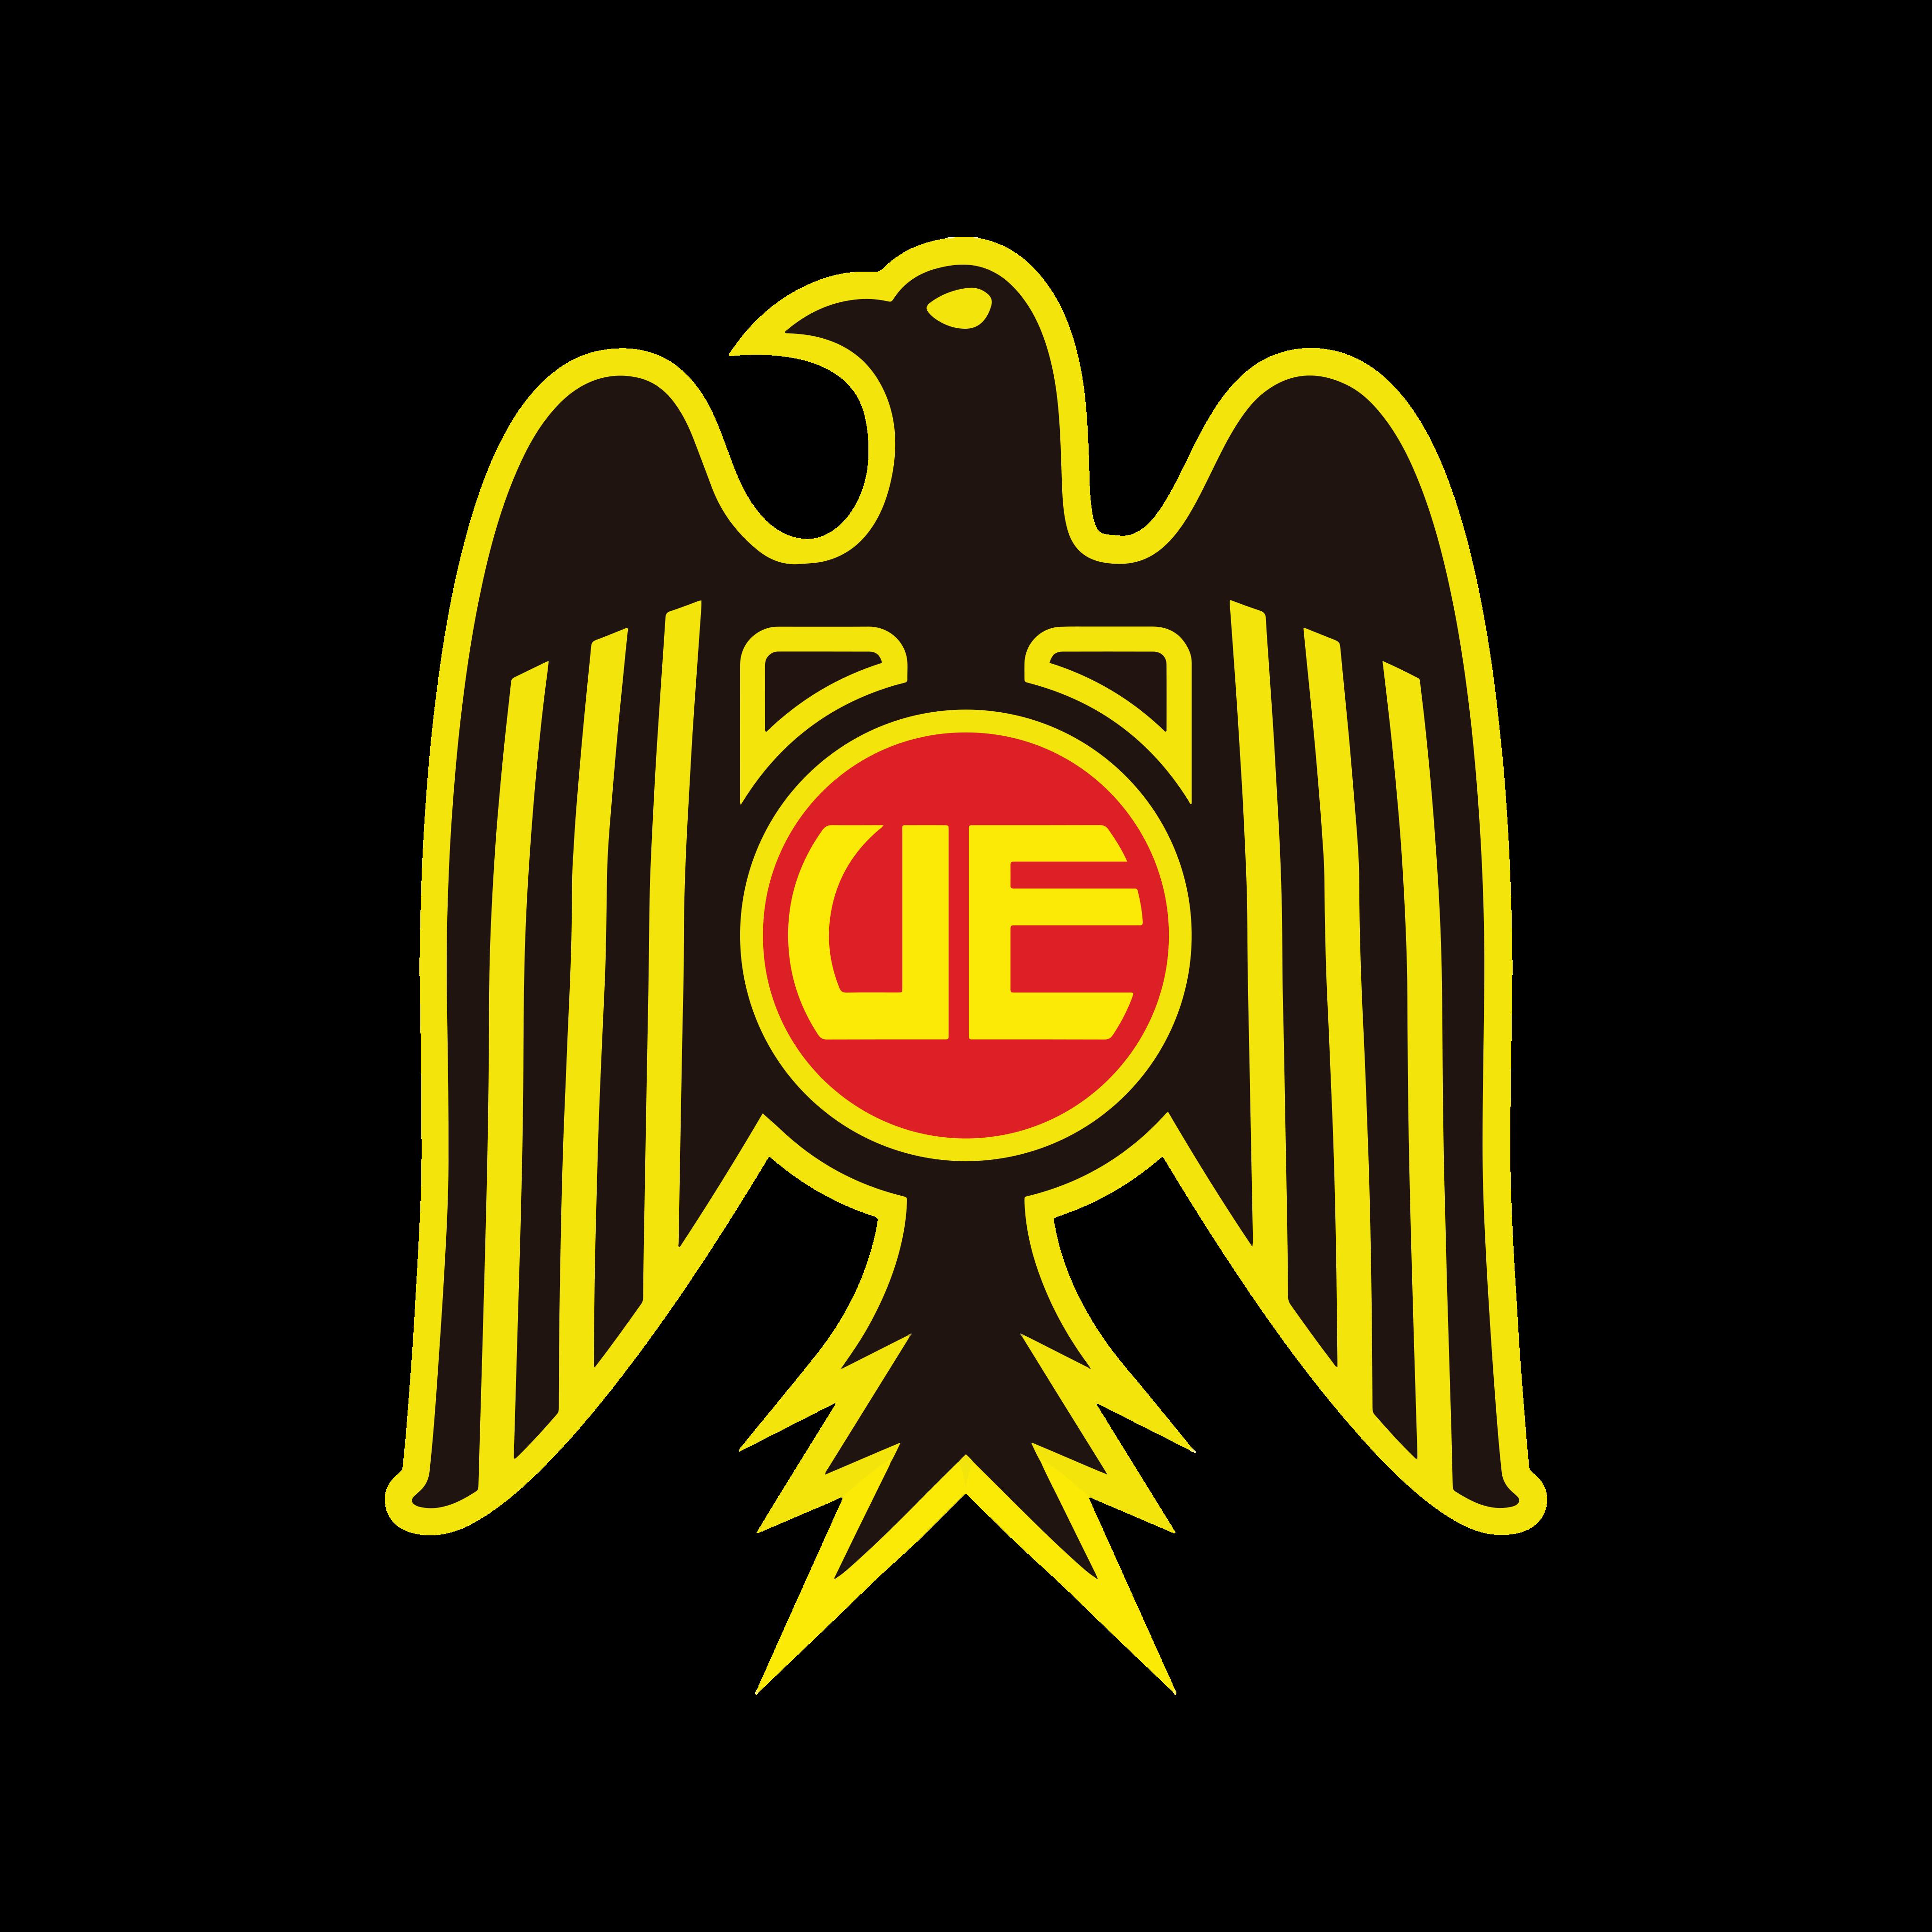 union espanola logo 0 - Unión Española Logo